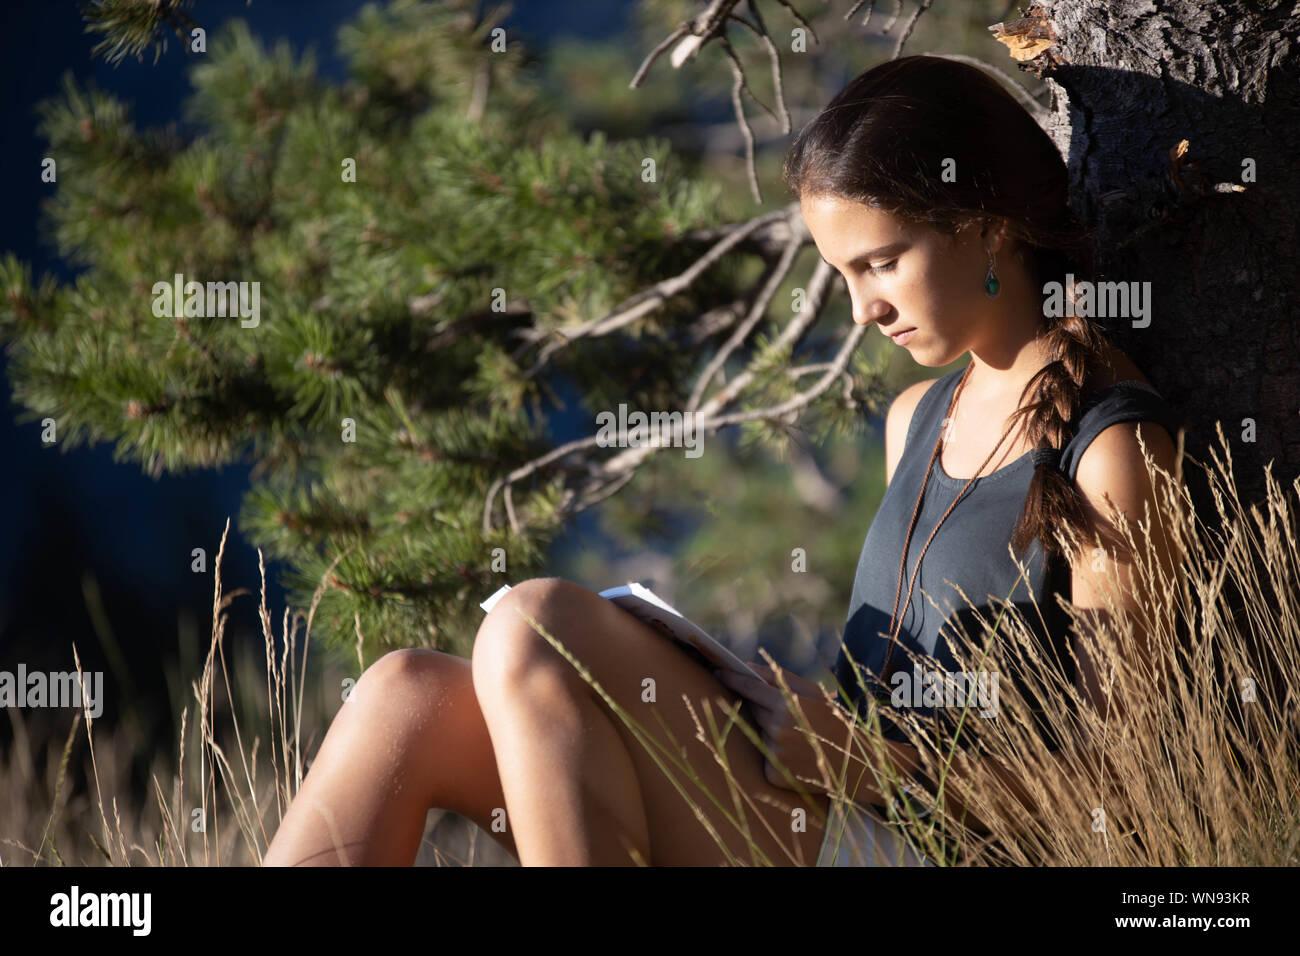 Chica adolescente leyendo un libro el exterior Stock Photo